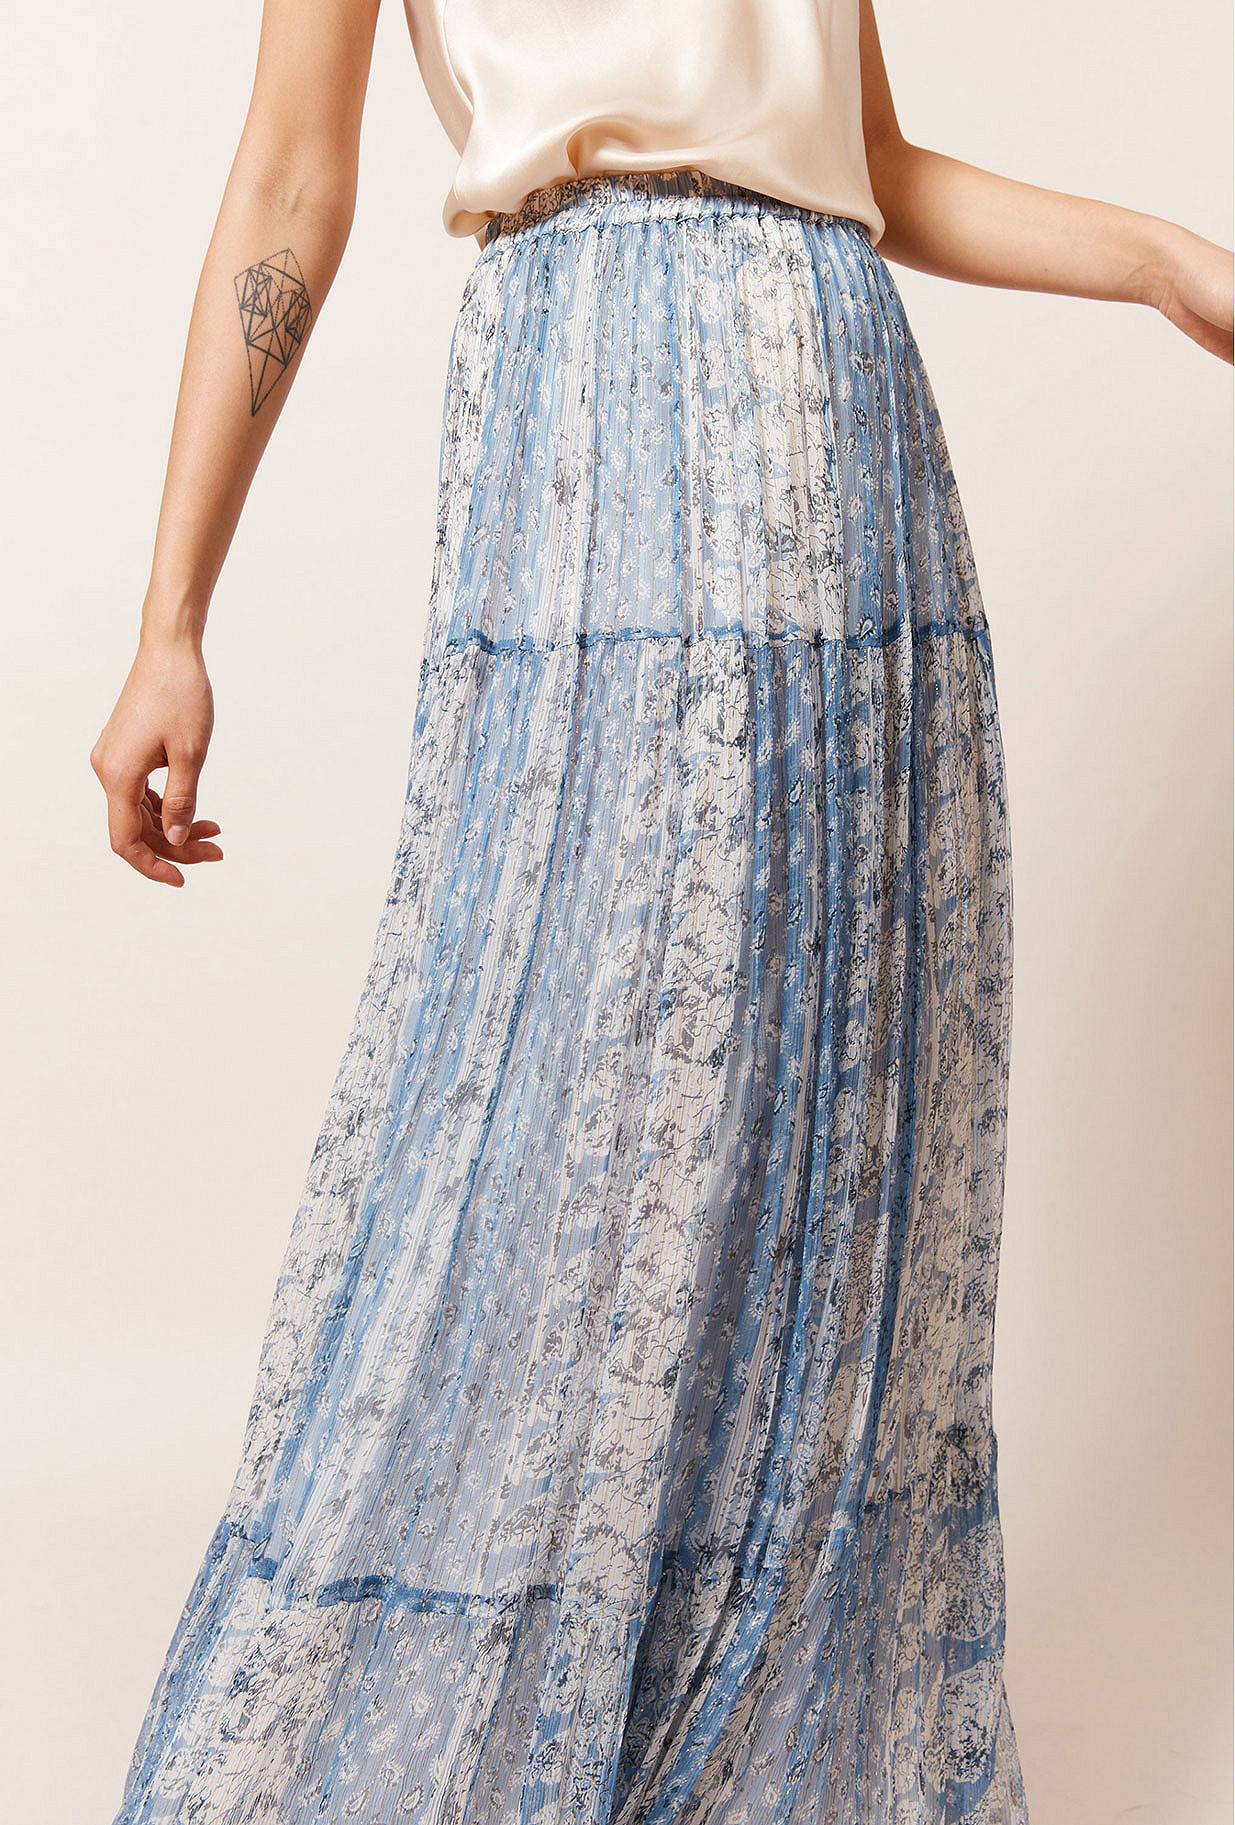 Blue stripe  Skirt  Buenavista Mes demoiselles fashion clothes designer Paris